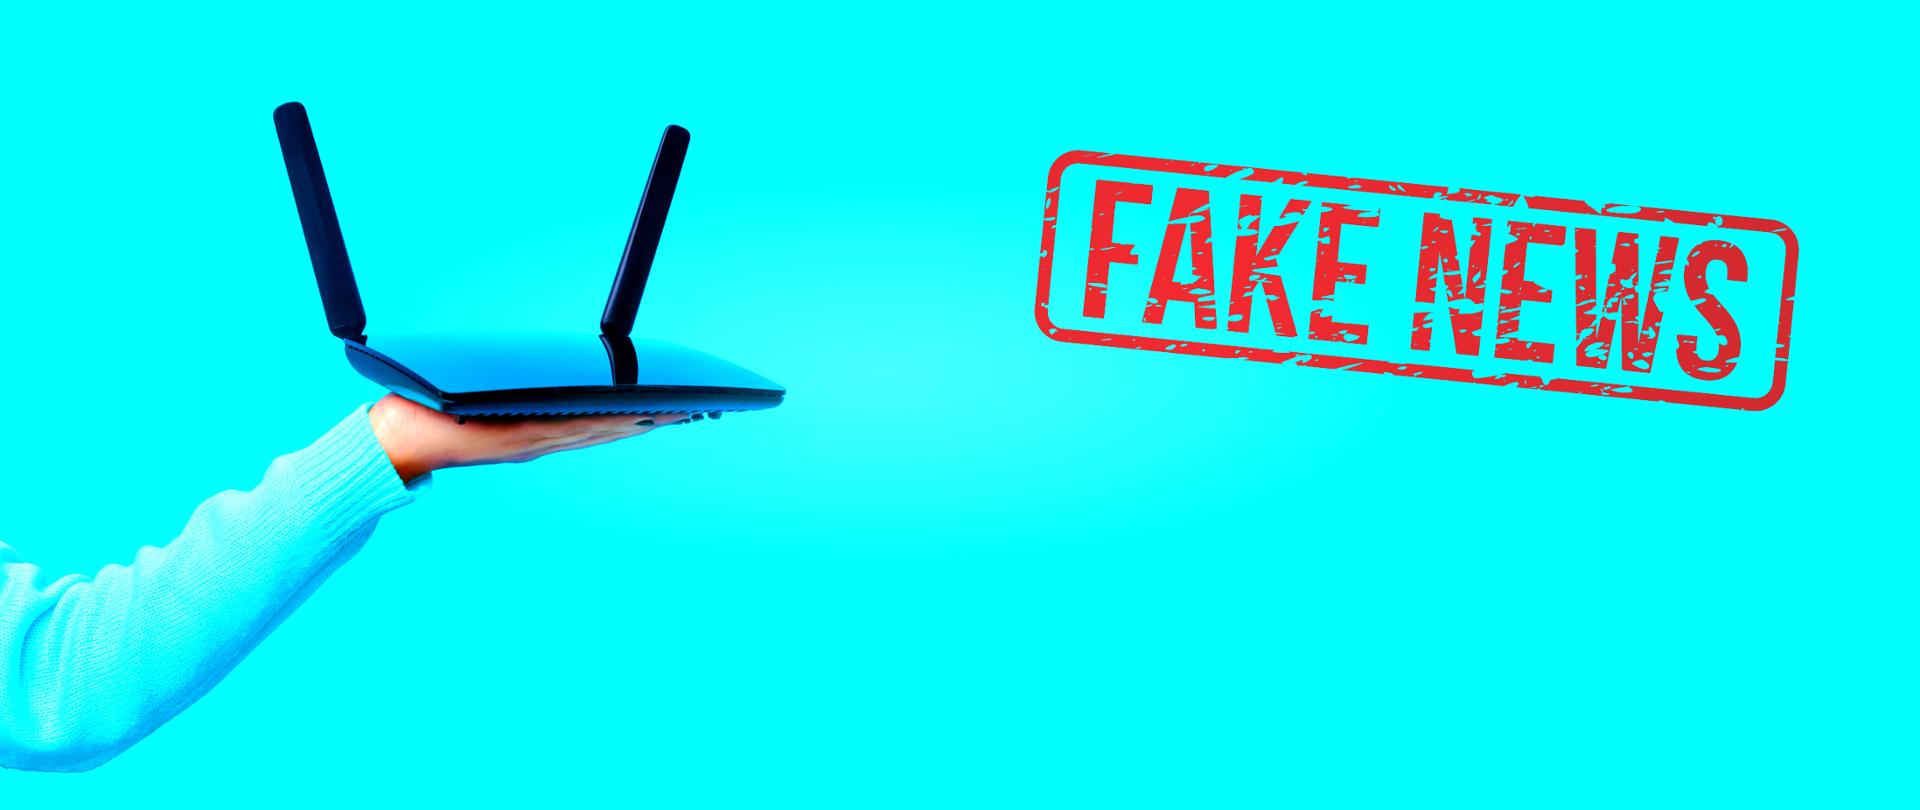 """Błękitne tło. Z lewej strony - wyciągnięta ręka z trzymanym na dłoni routerem. Z prawej czerwona pieczątka """"Fake news""""."""